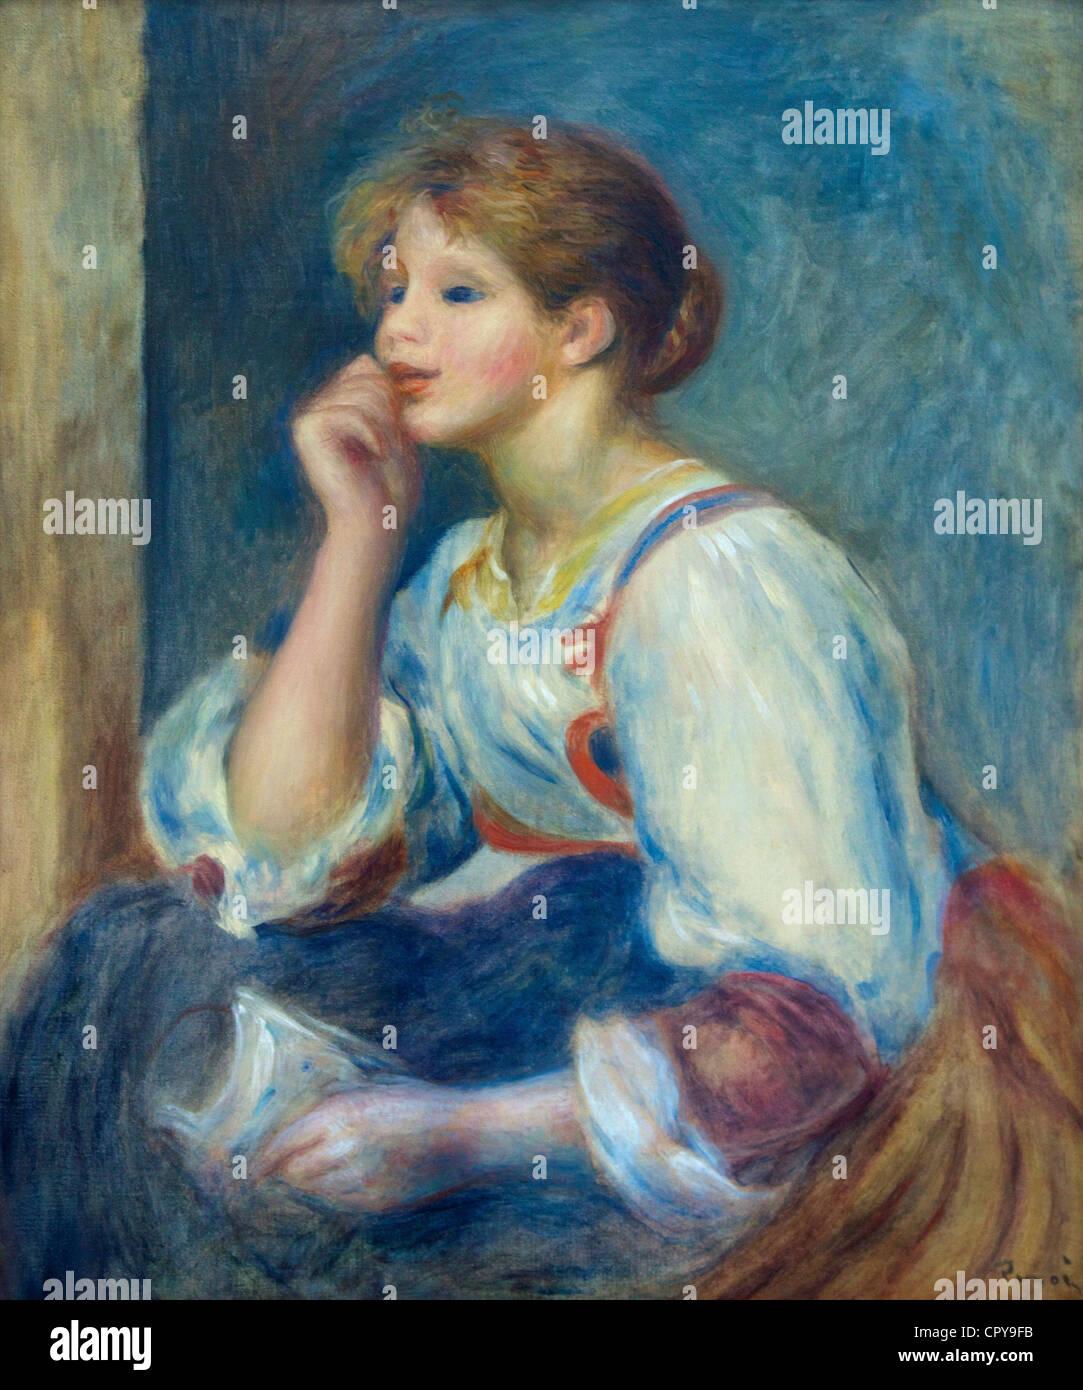 Woman with letter, by Pierre-Auguste Renoir, 1890, Musee de L'Orangerie Museum, Paris, France, Europe, EU - Stock Image